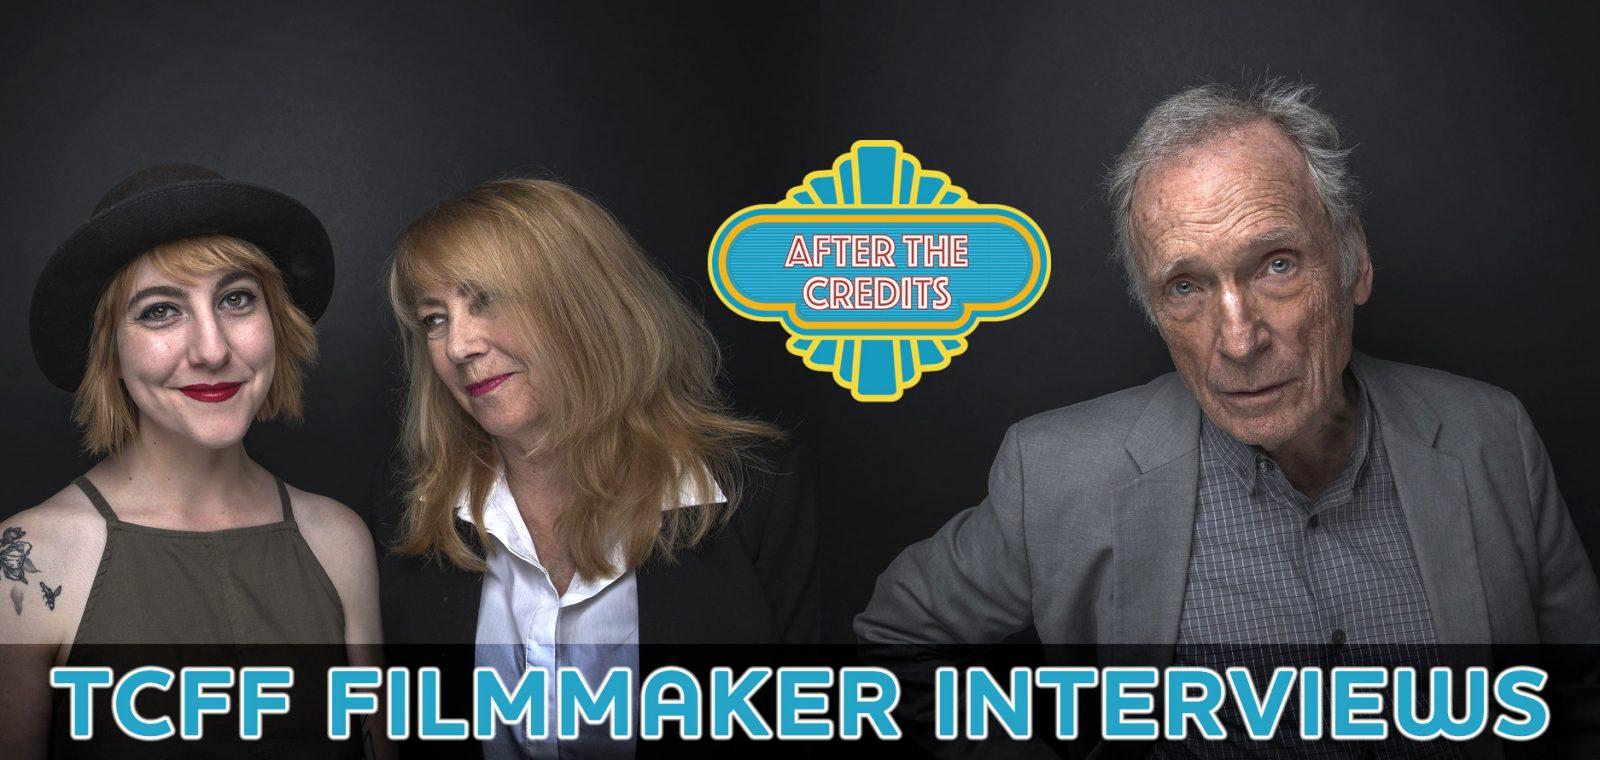 After the Credits - TCFF Live Filmmaker Interviews